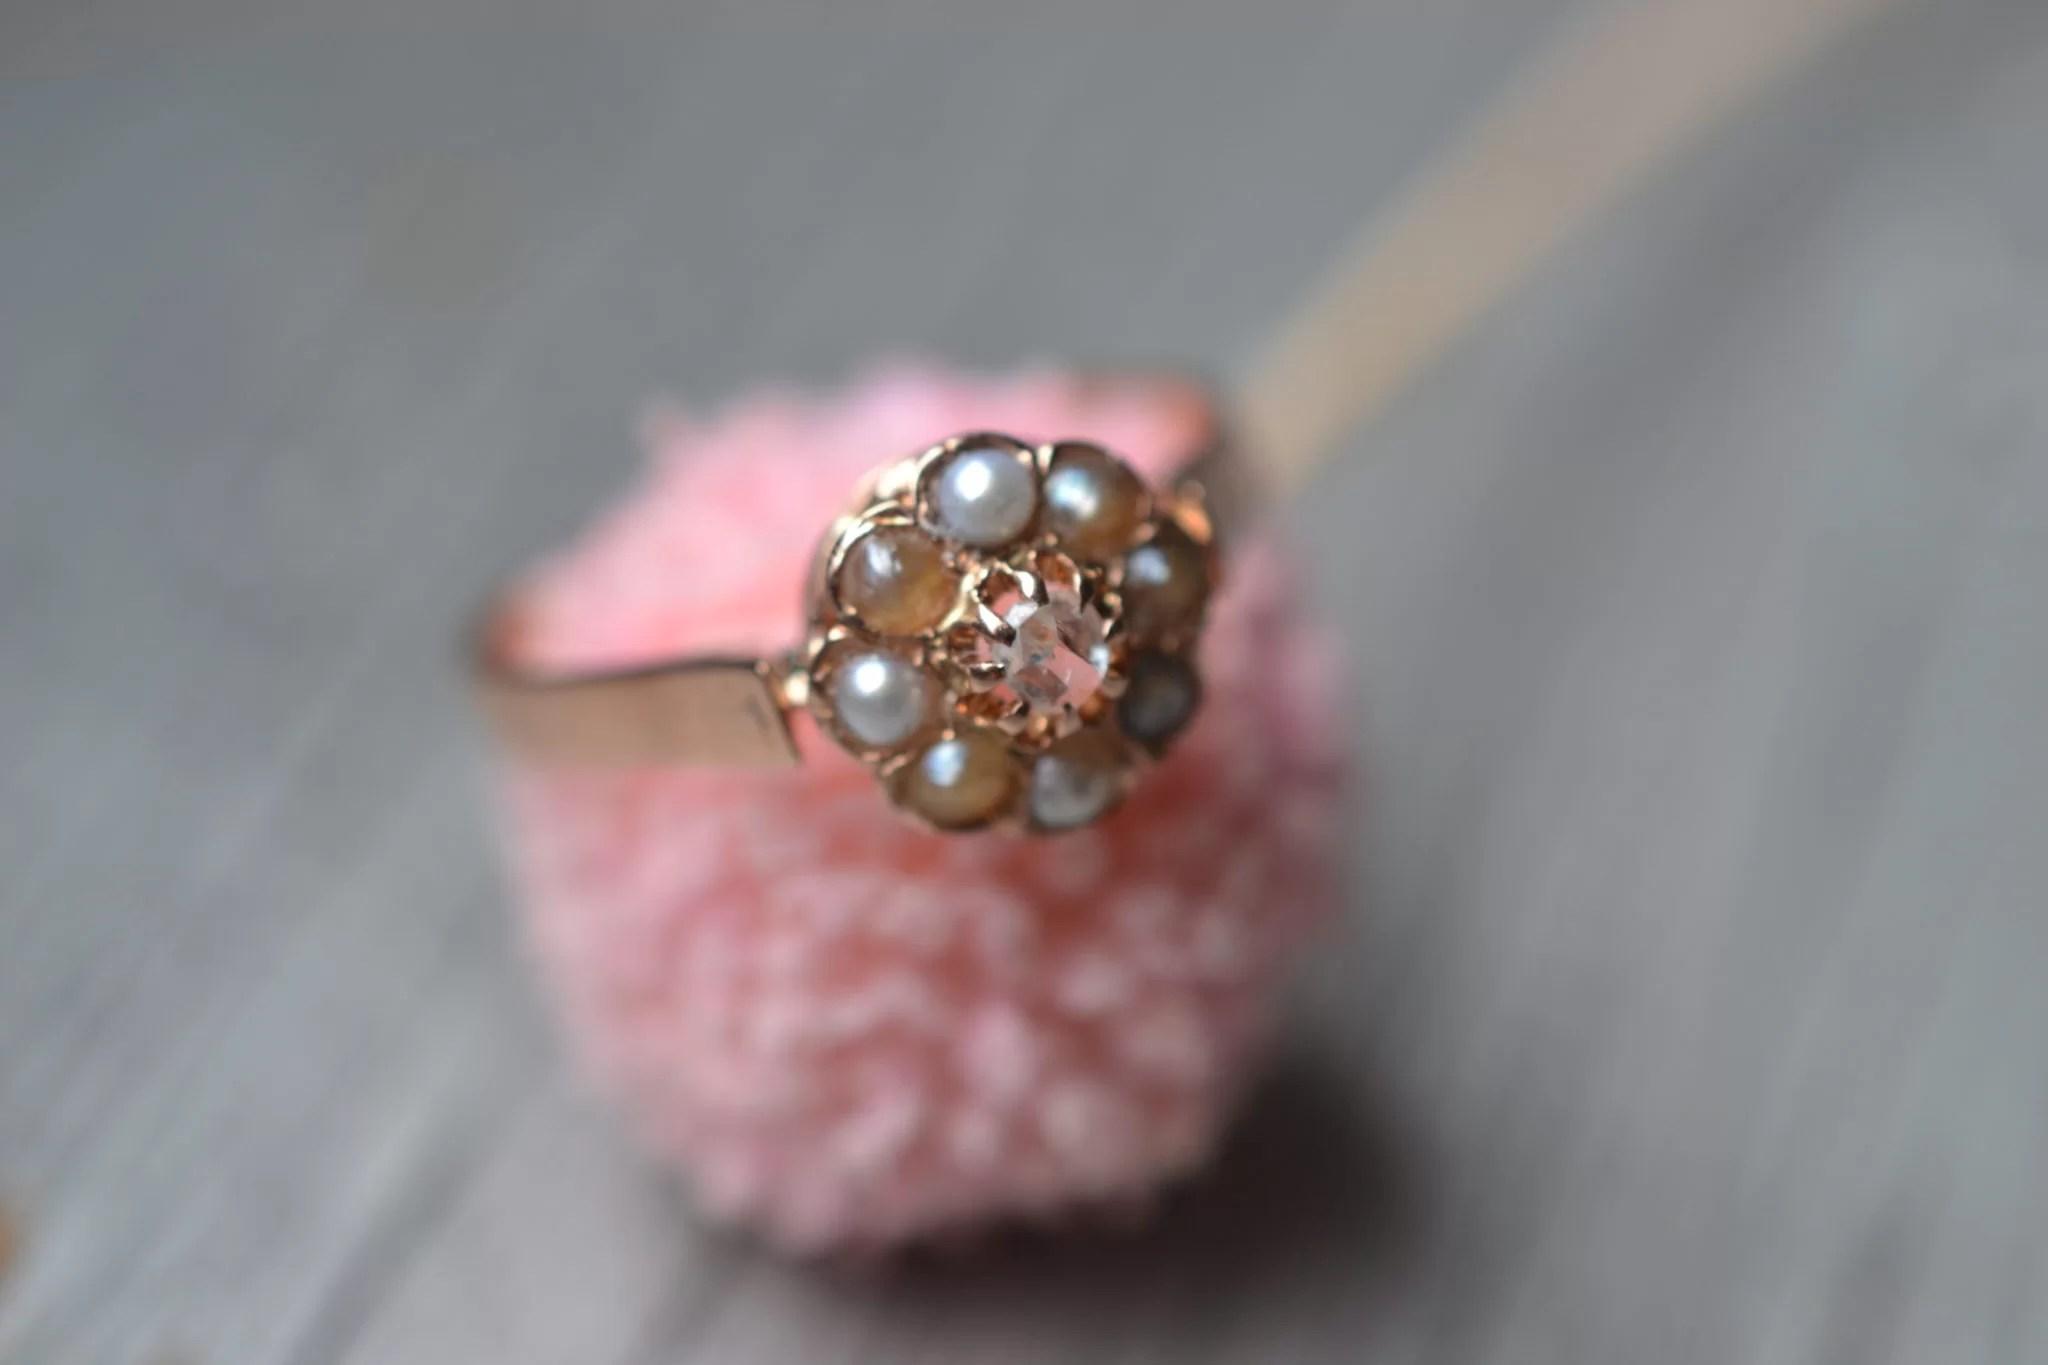 Bague Ancienne Perles Et Or 18 Carats - Bijou Vintage Mariage Fiançailles Éthique